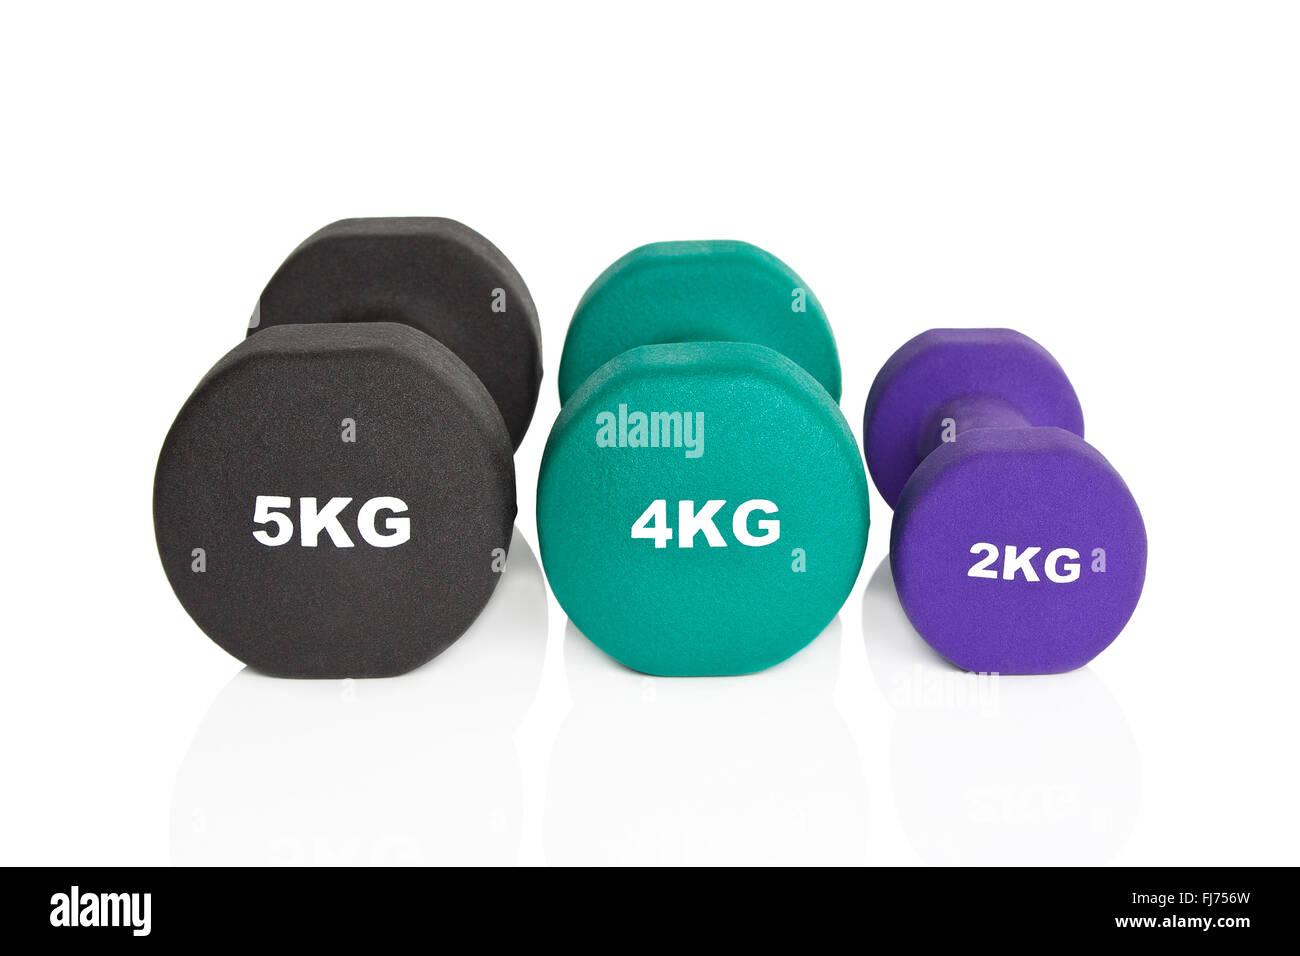 Negro, verde y morado mancuernas aislado sobre fondo blanco. Los pesos para un entrenamiento físico. Foto de stock